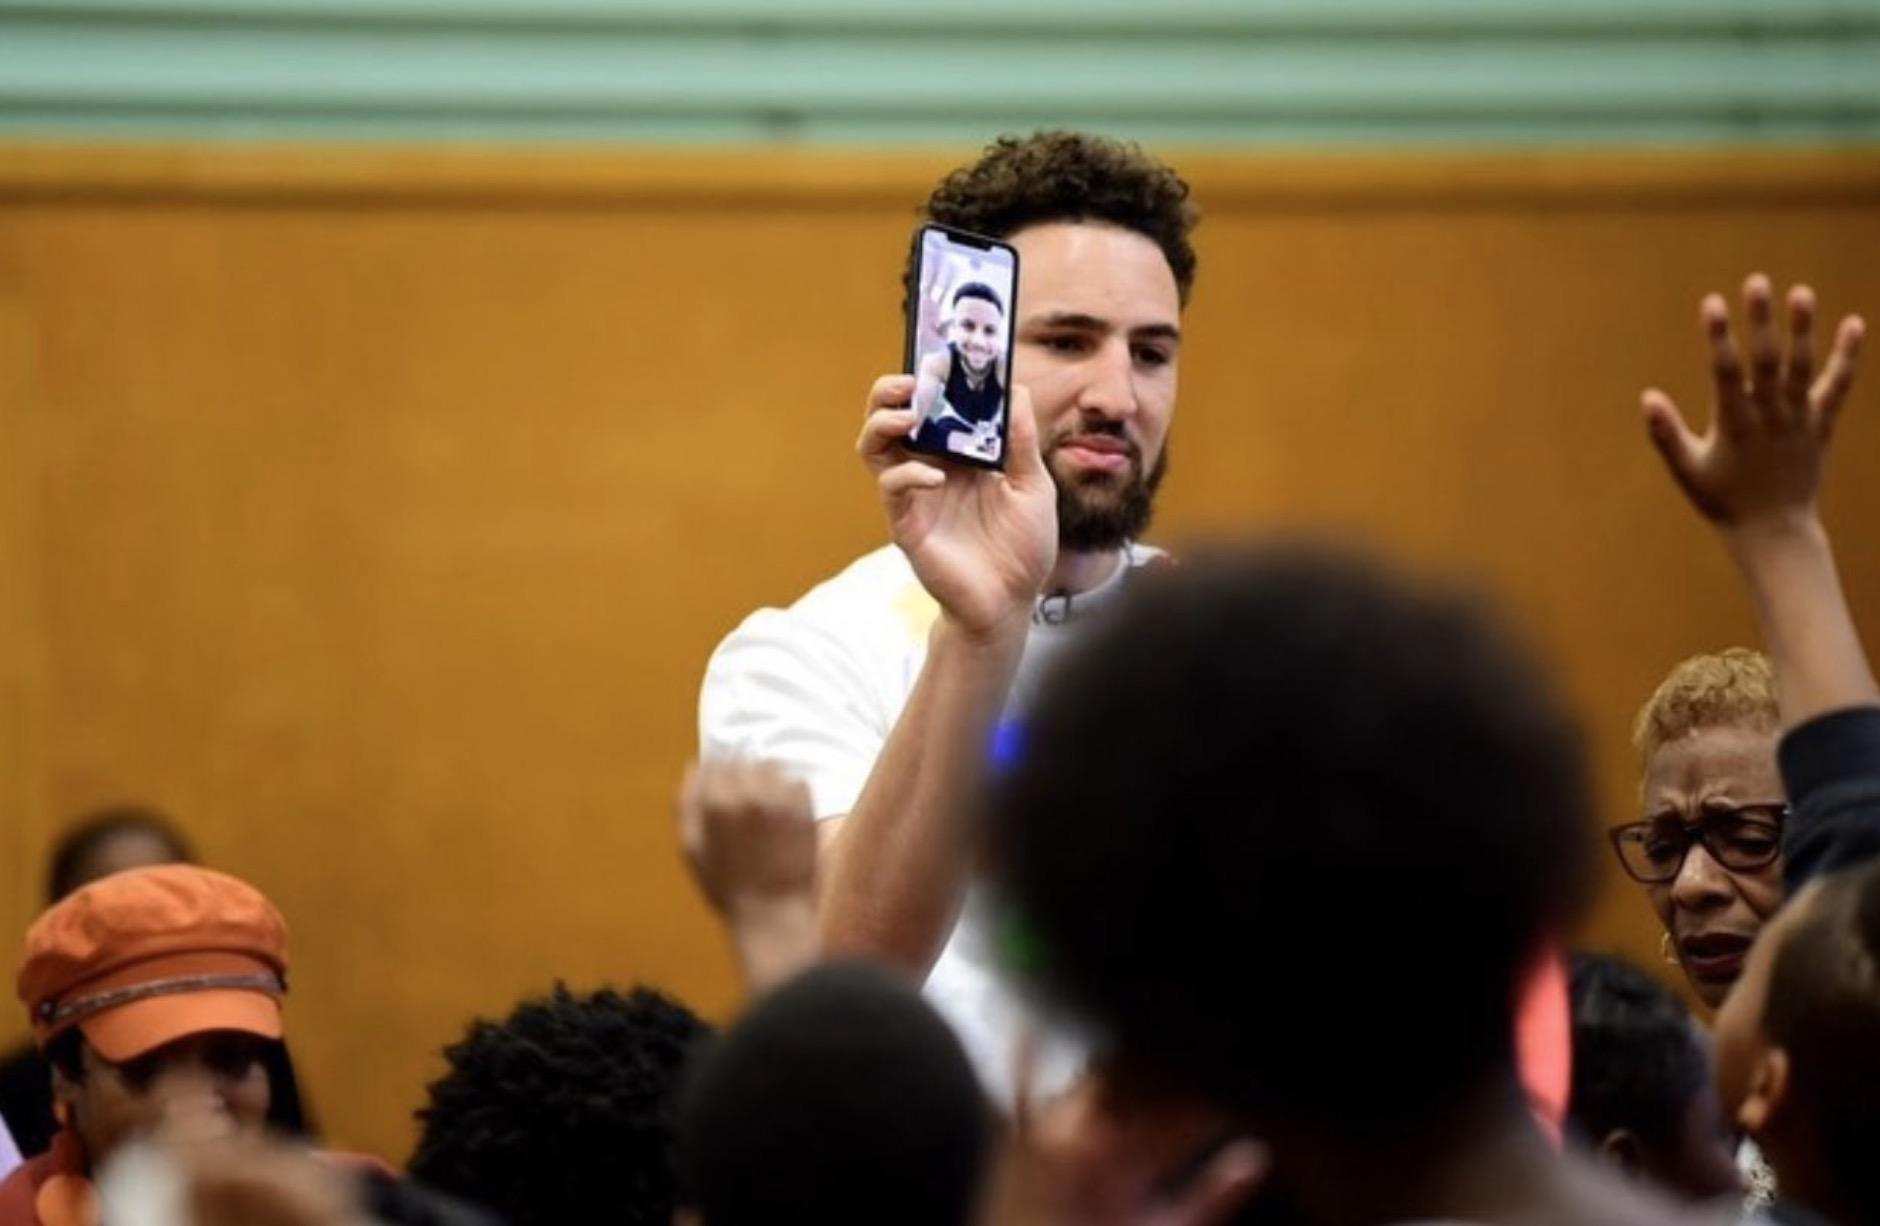 听说你用翻盖手机?记者晒汤普森与库里facetime铁证